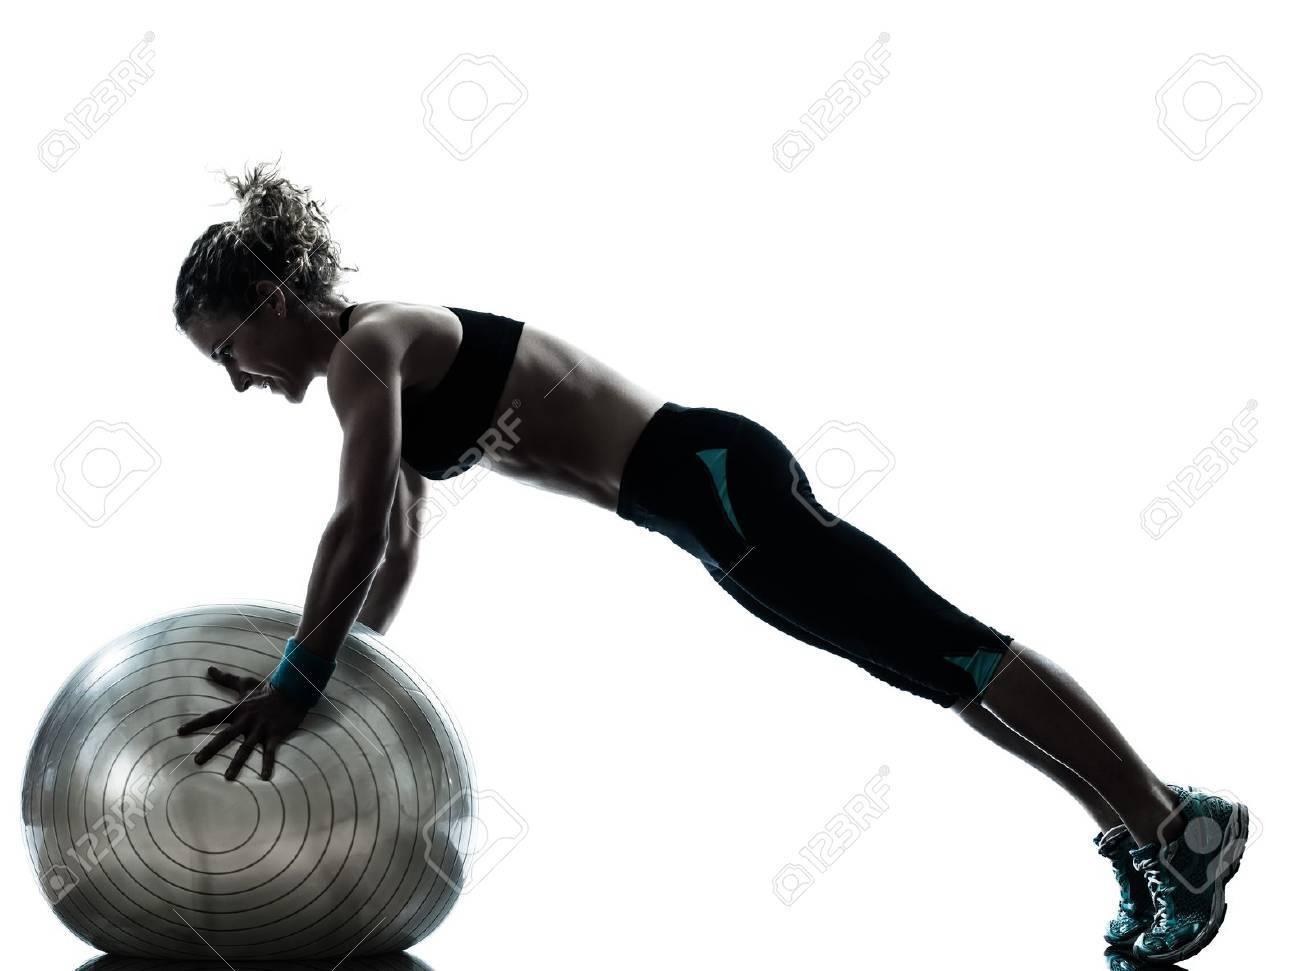 Foto de archivo - Una mujer caucásica ejercicio físico postura  entrenamiento pelota en el estudio de la silueta aislado en el fondo blanco 41530e084162